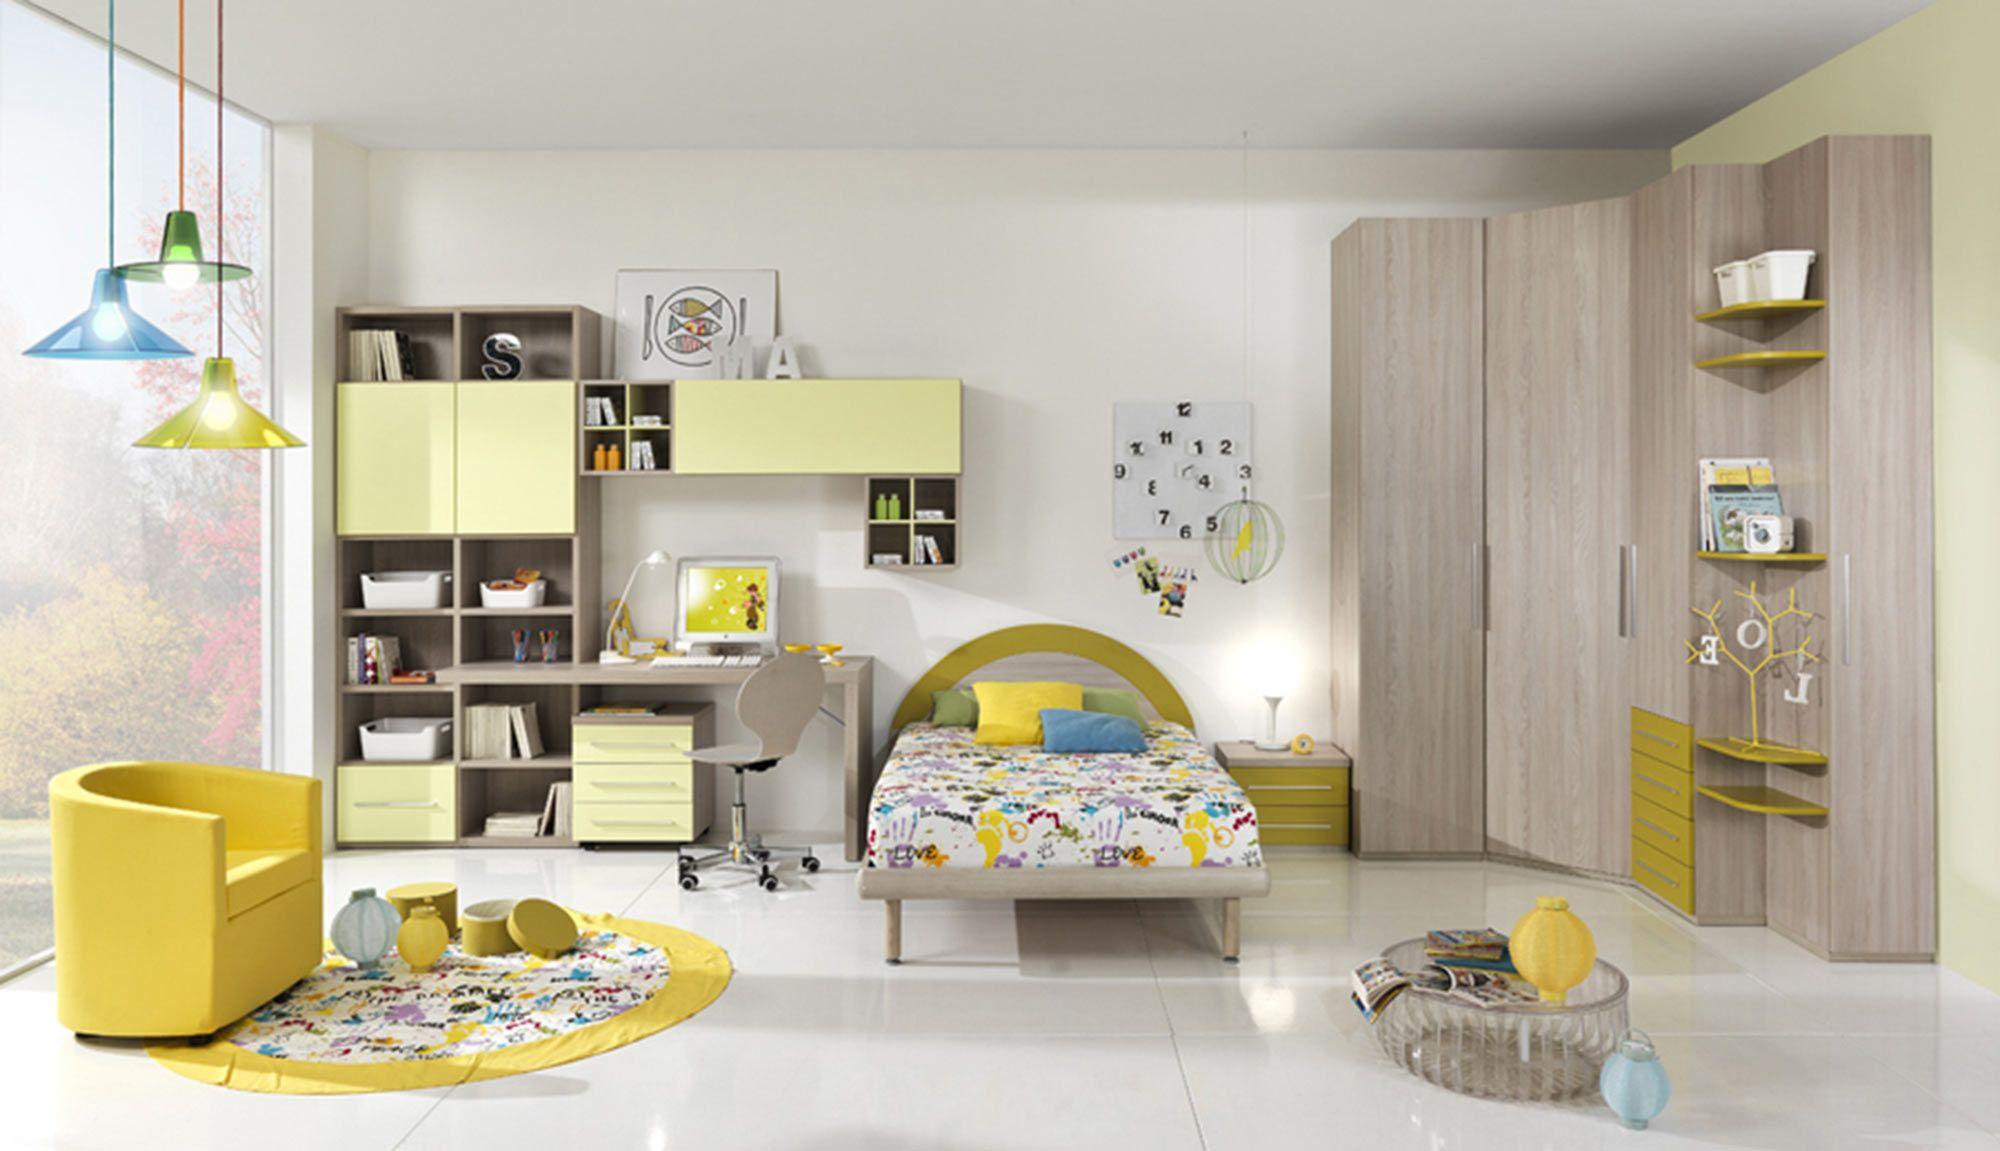 Livein Camerette ~ Best gsg camerette images bedroom ideas